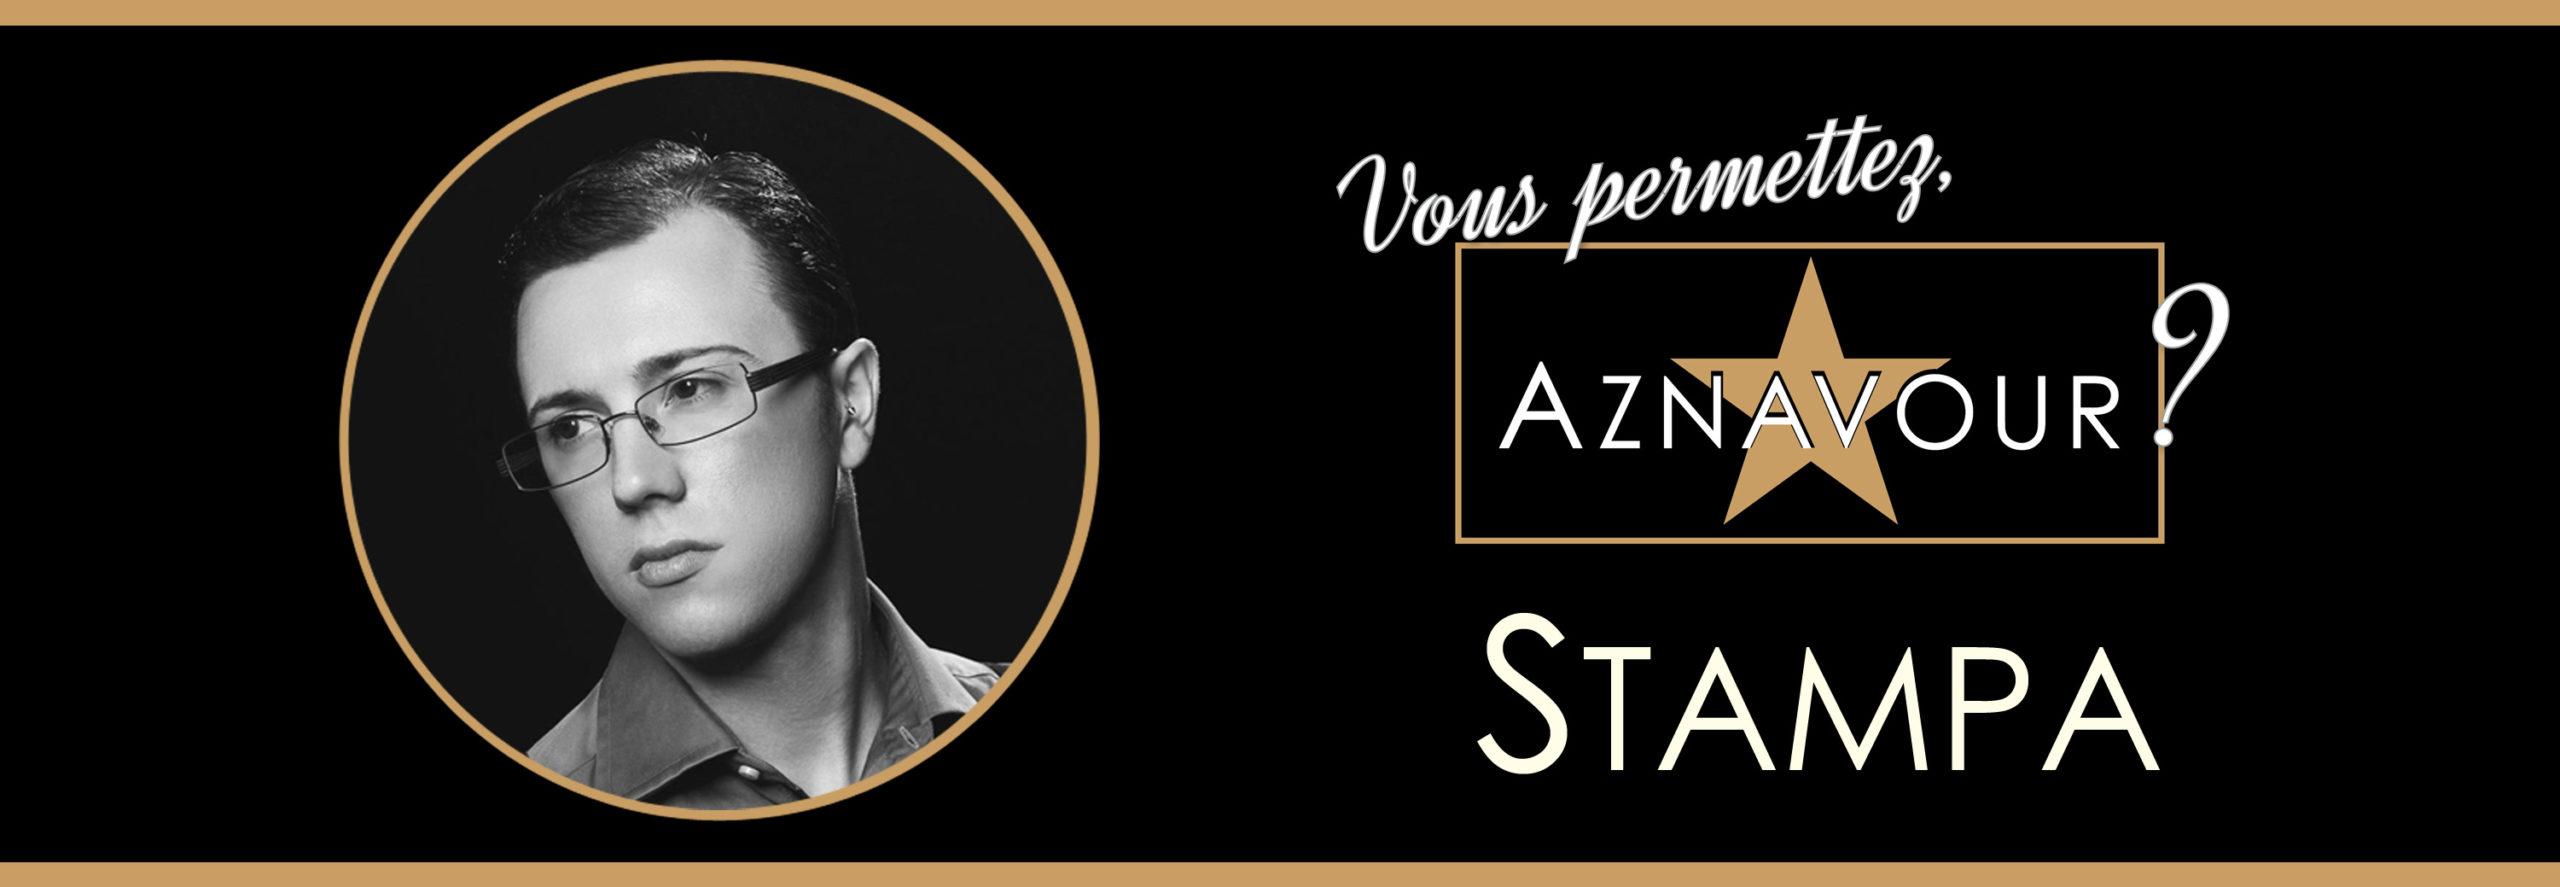 """Michelangelo Nari - Stampa - """"Vous permettez, Aznavour?"""""""